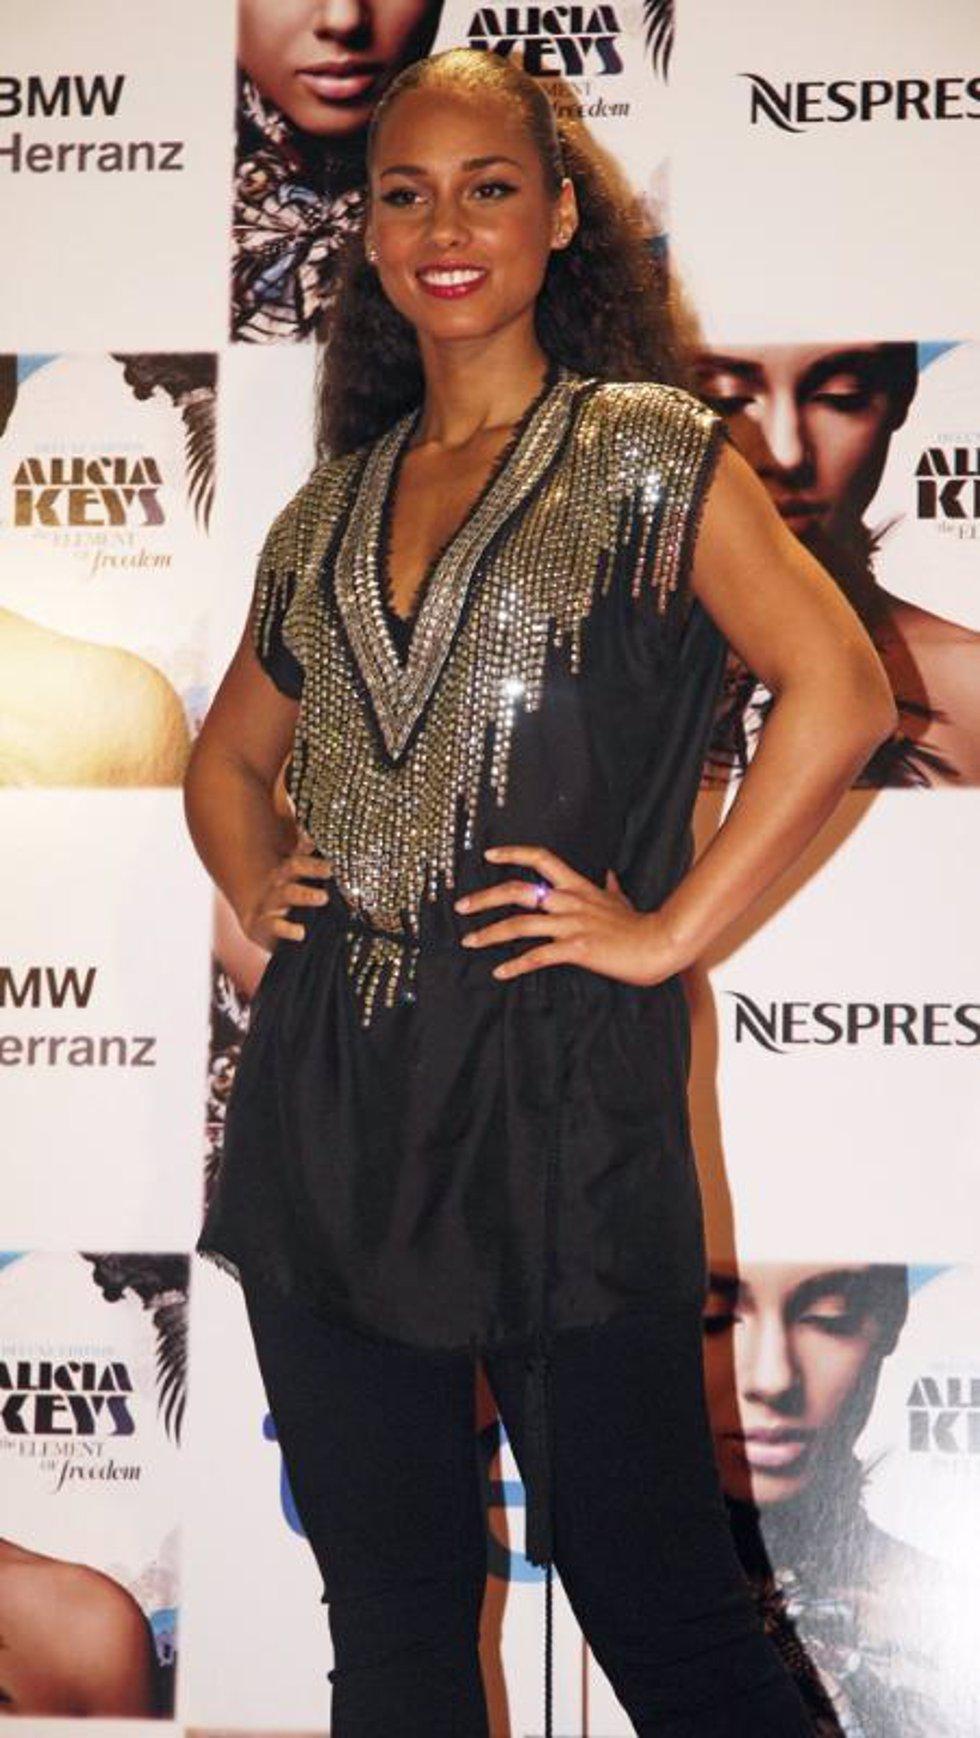 La cantante Alicia Keys en su concierto en el Teatro Real de Madrid